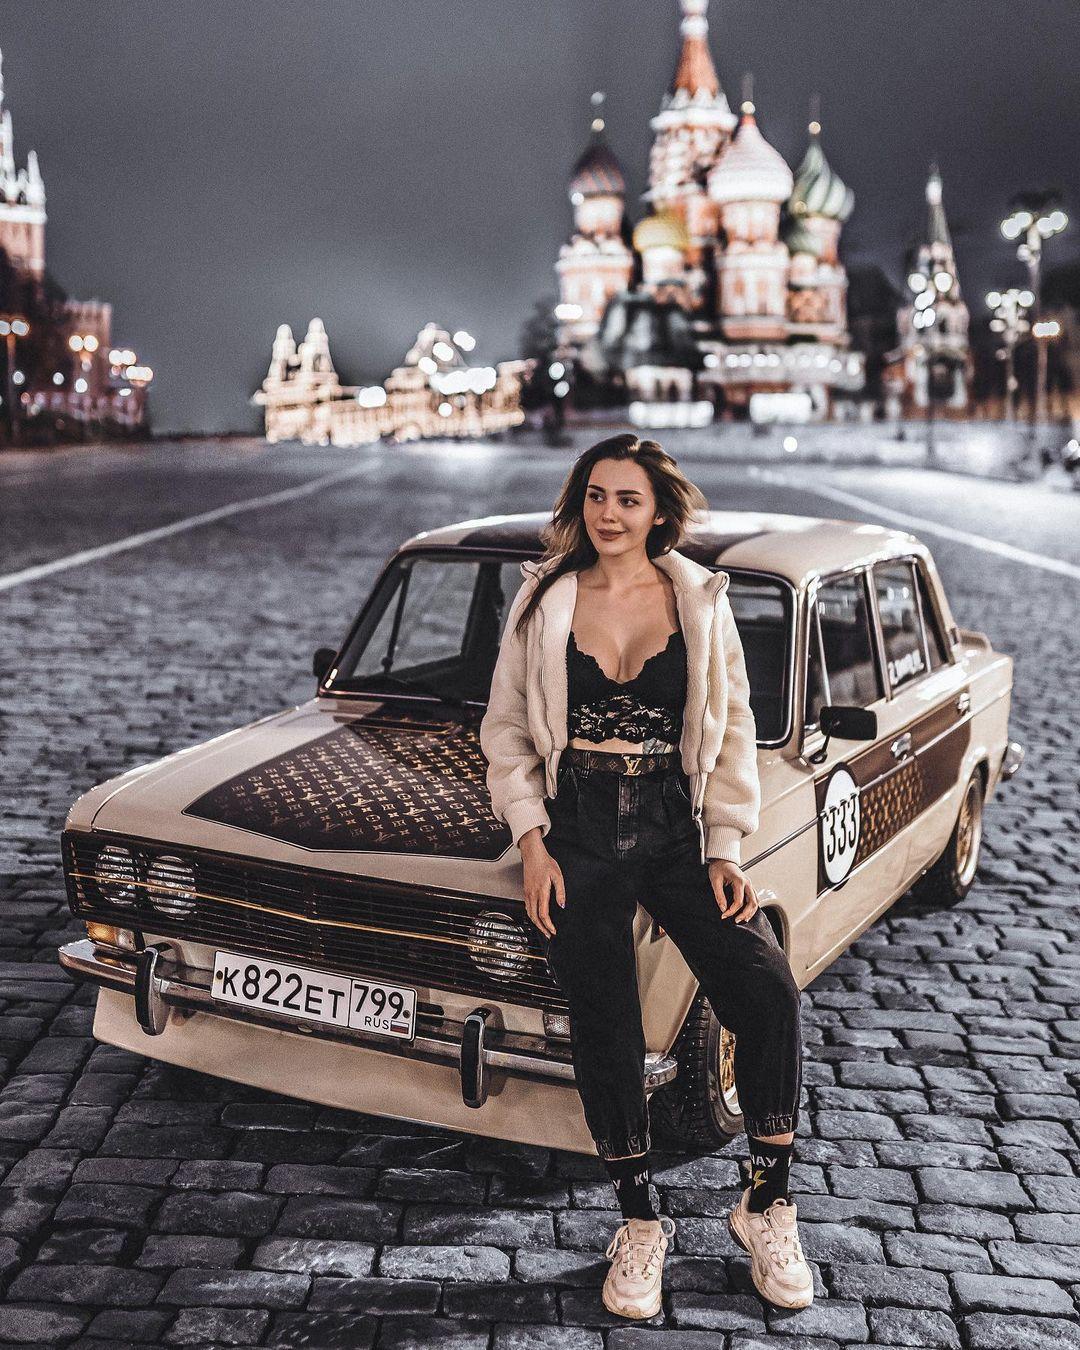 """Горячие фото Томы Ждановой - любительницы """"жигулей"""" 9"""